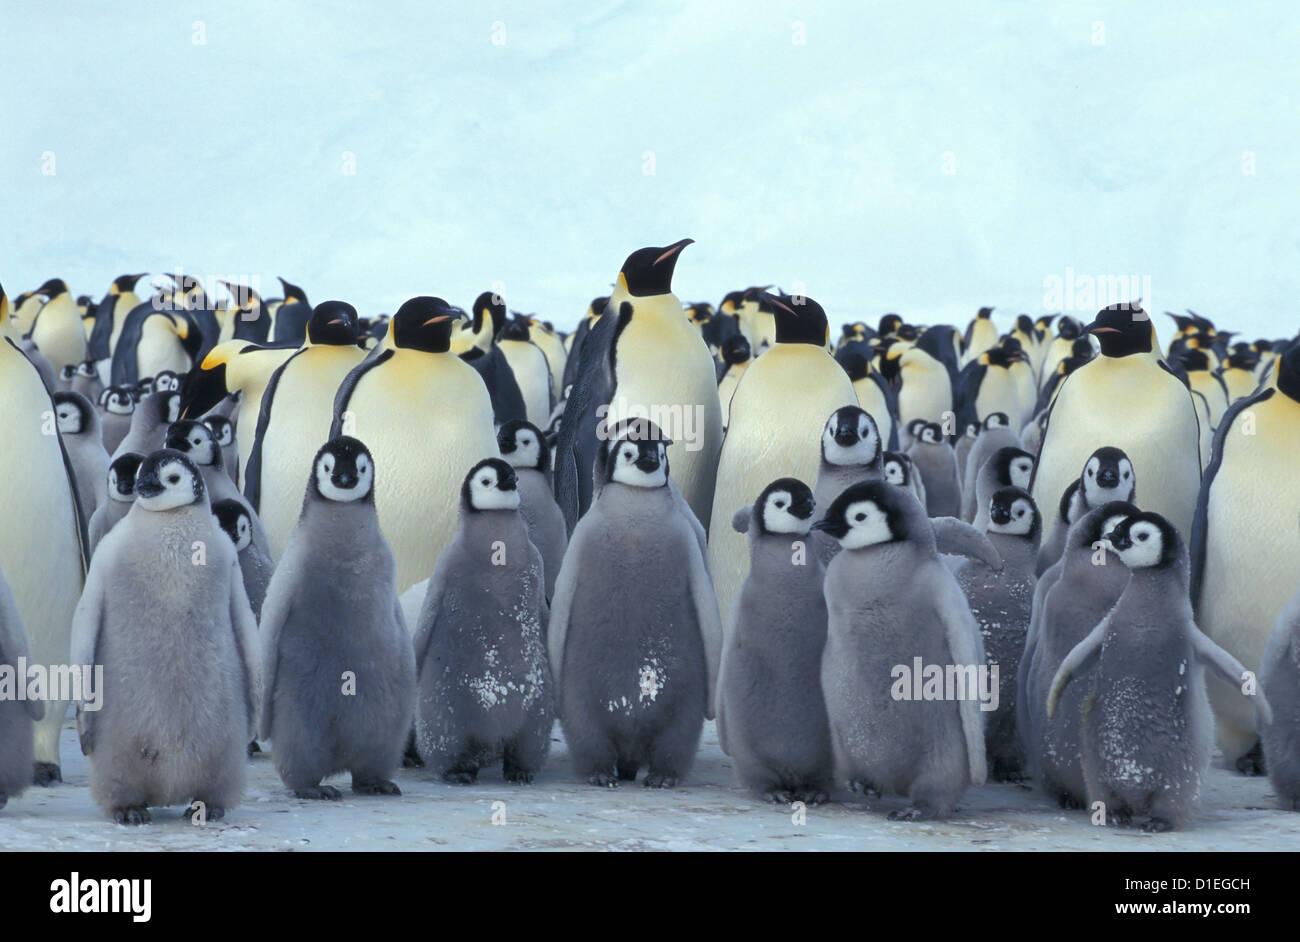 Emperor penguins (Aptenodytes forsteri), Dawson-Lambton glacier, Antarctica - Stock Image